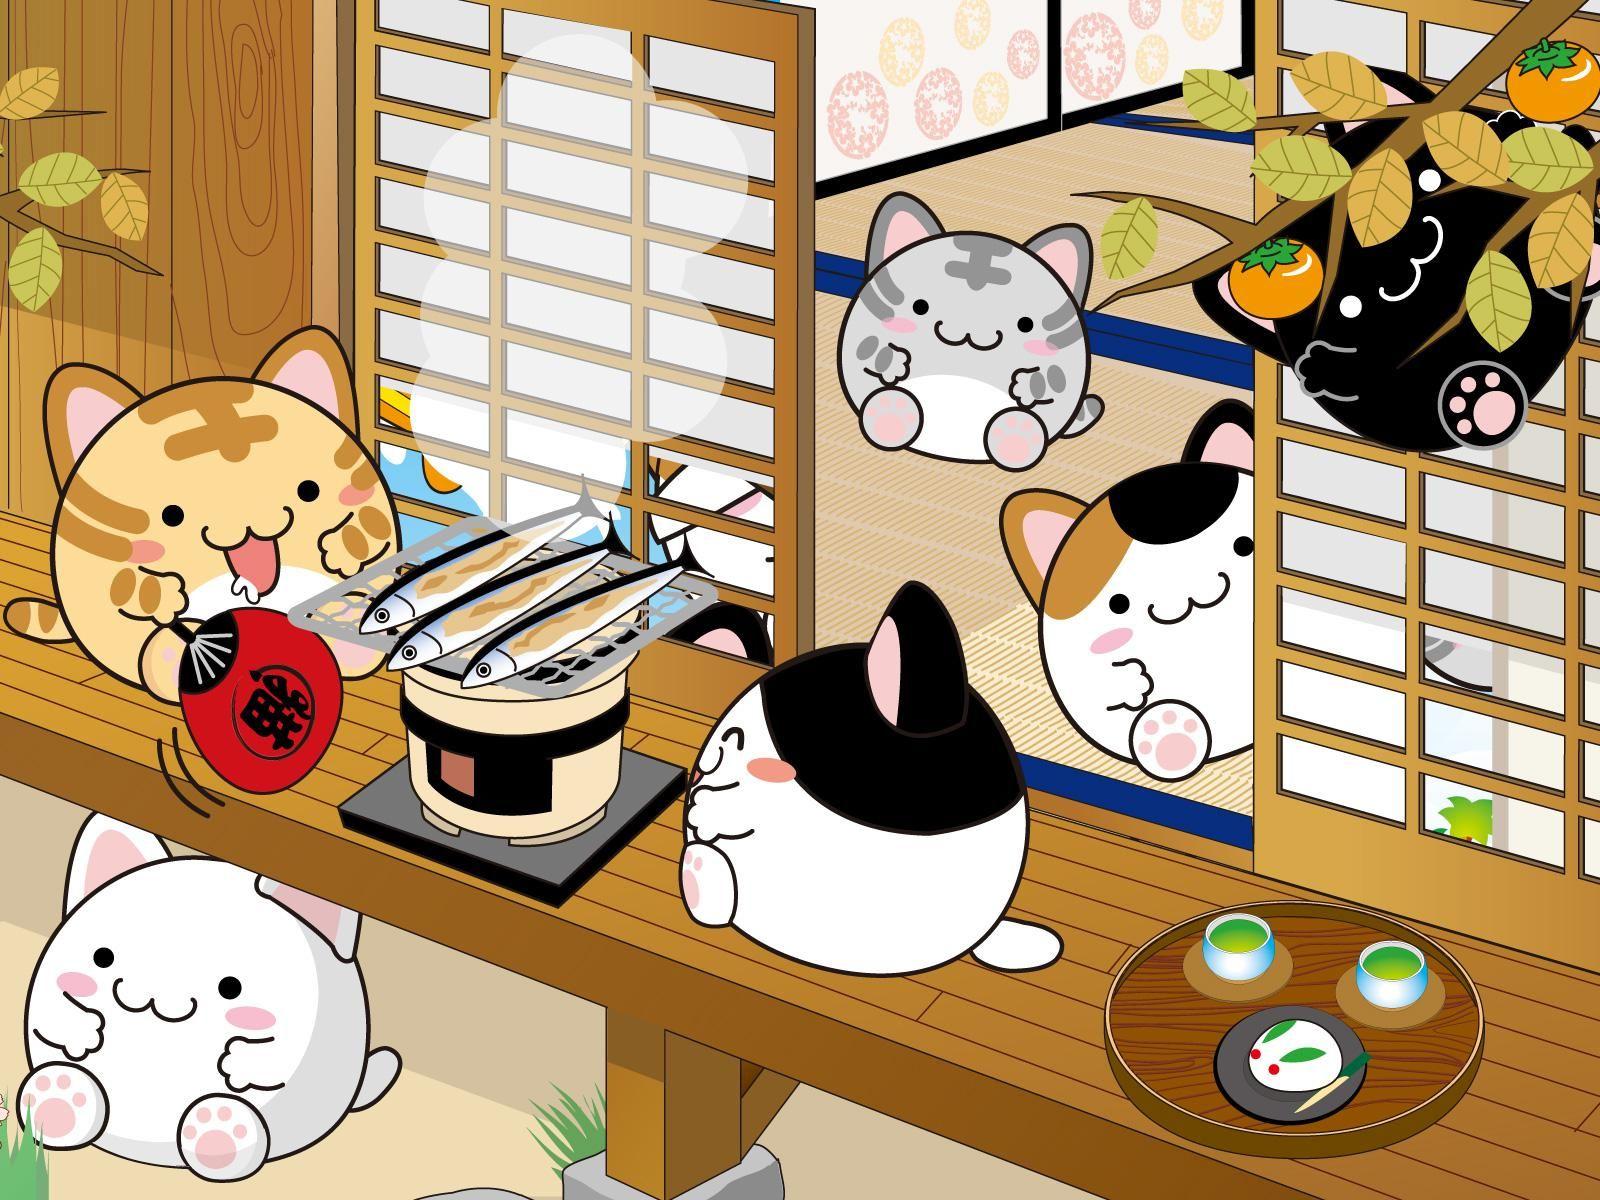 Cute Japanese Food Wallpaper Cartoon Wallpapers 9789 Ilikewalls Anime Wallpaper Japanese Cartoon Art Cartoon Wallpaper